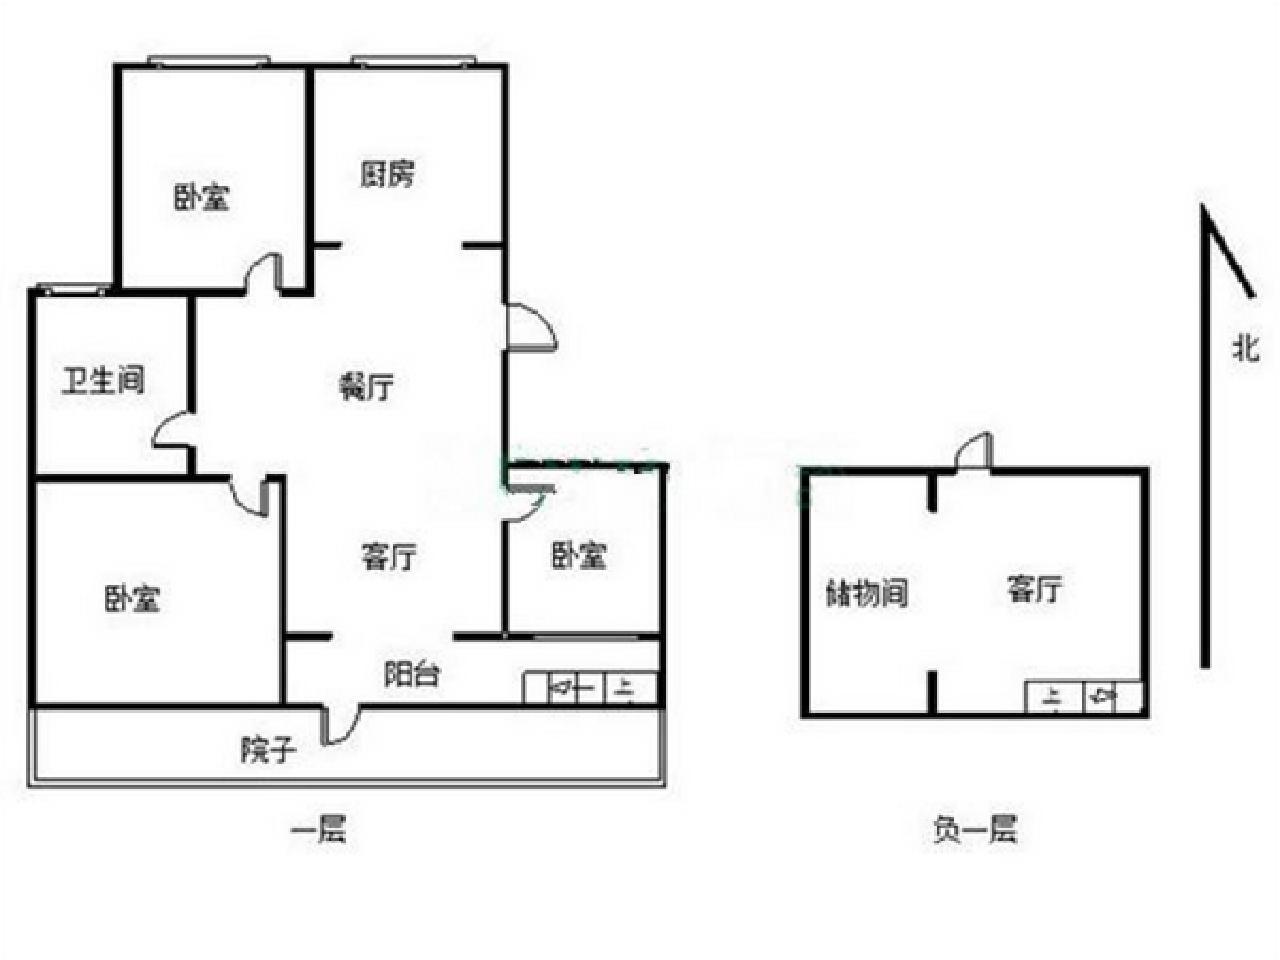 玄武区孝陵卫中冶钟鼎山庄3室2厅户型图